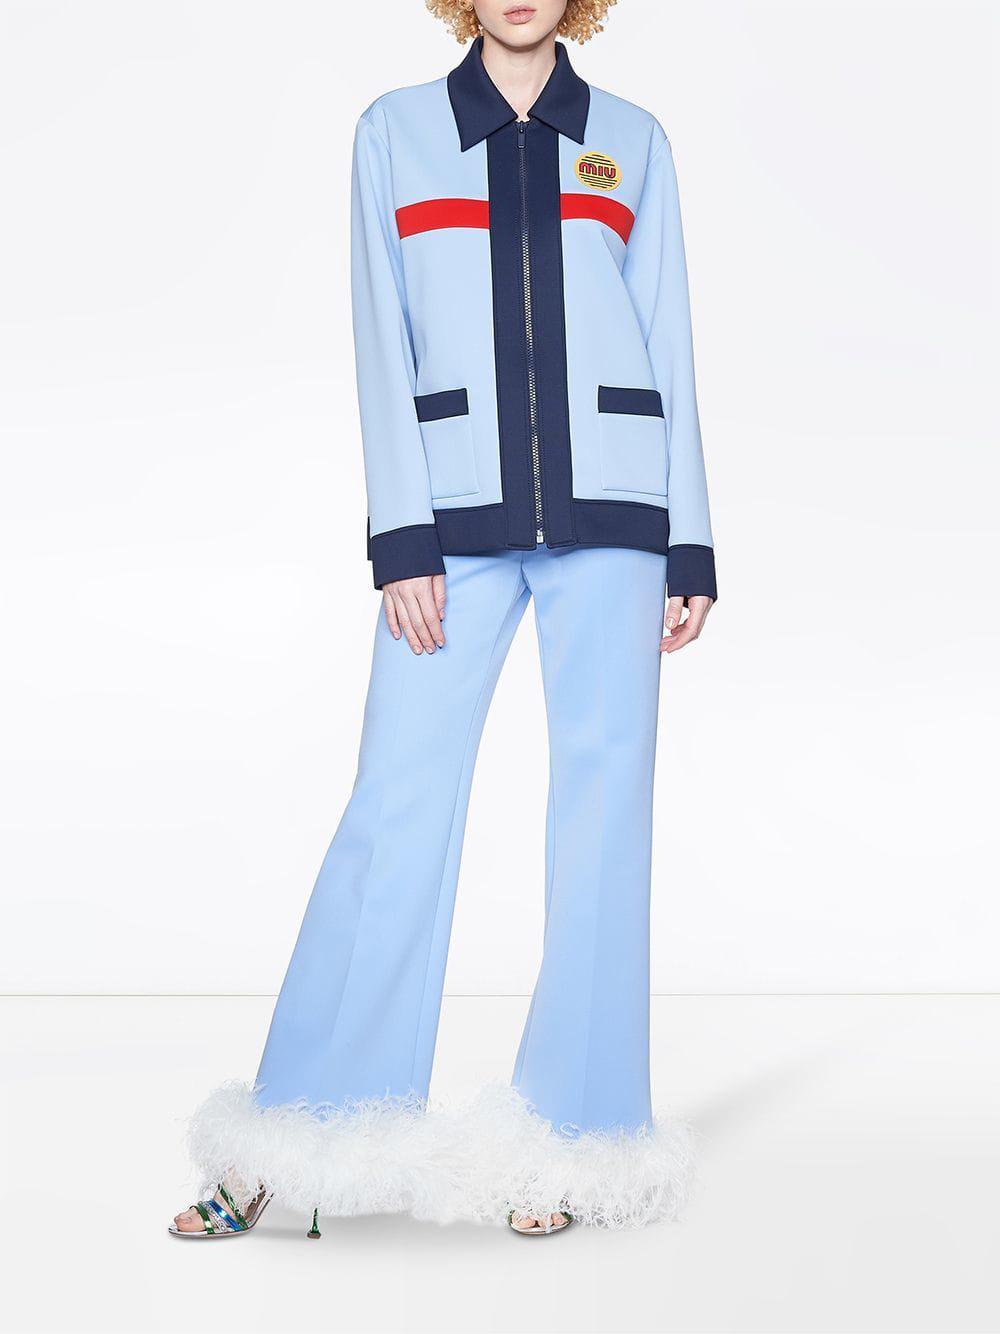 5945d2bacf12 Miu Miu Blue Techno Jersey Jacket in Blue - Lyst